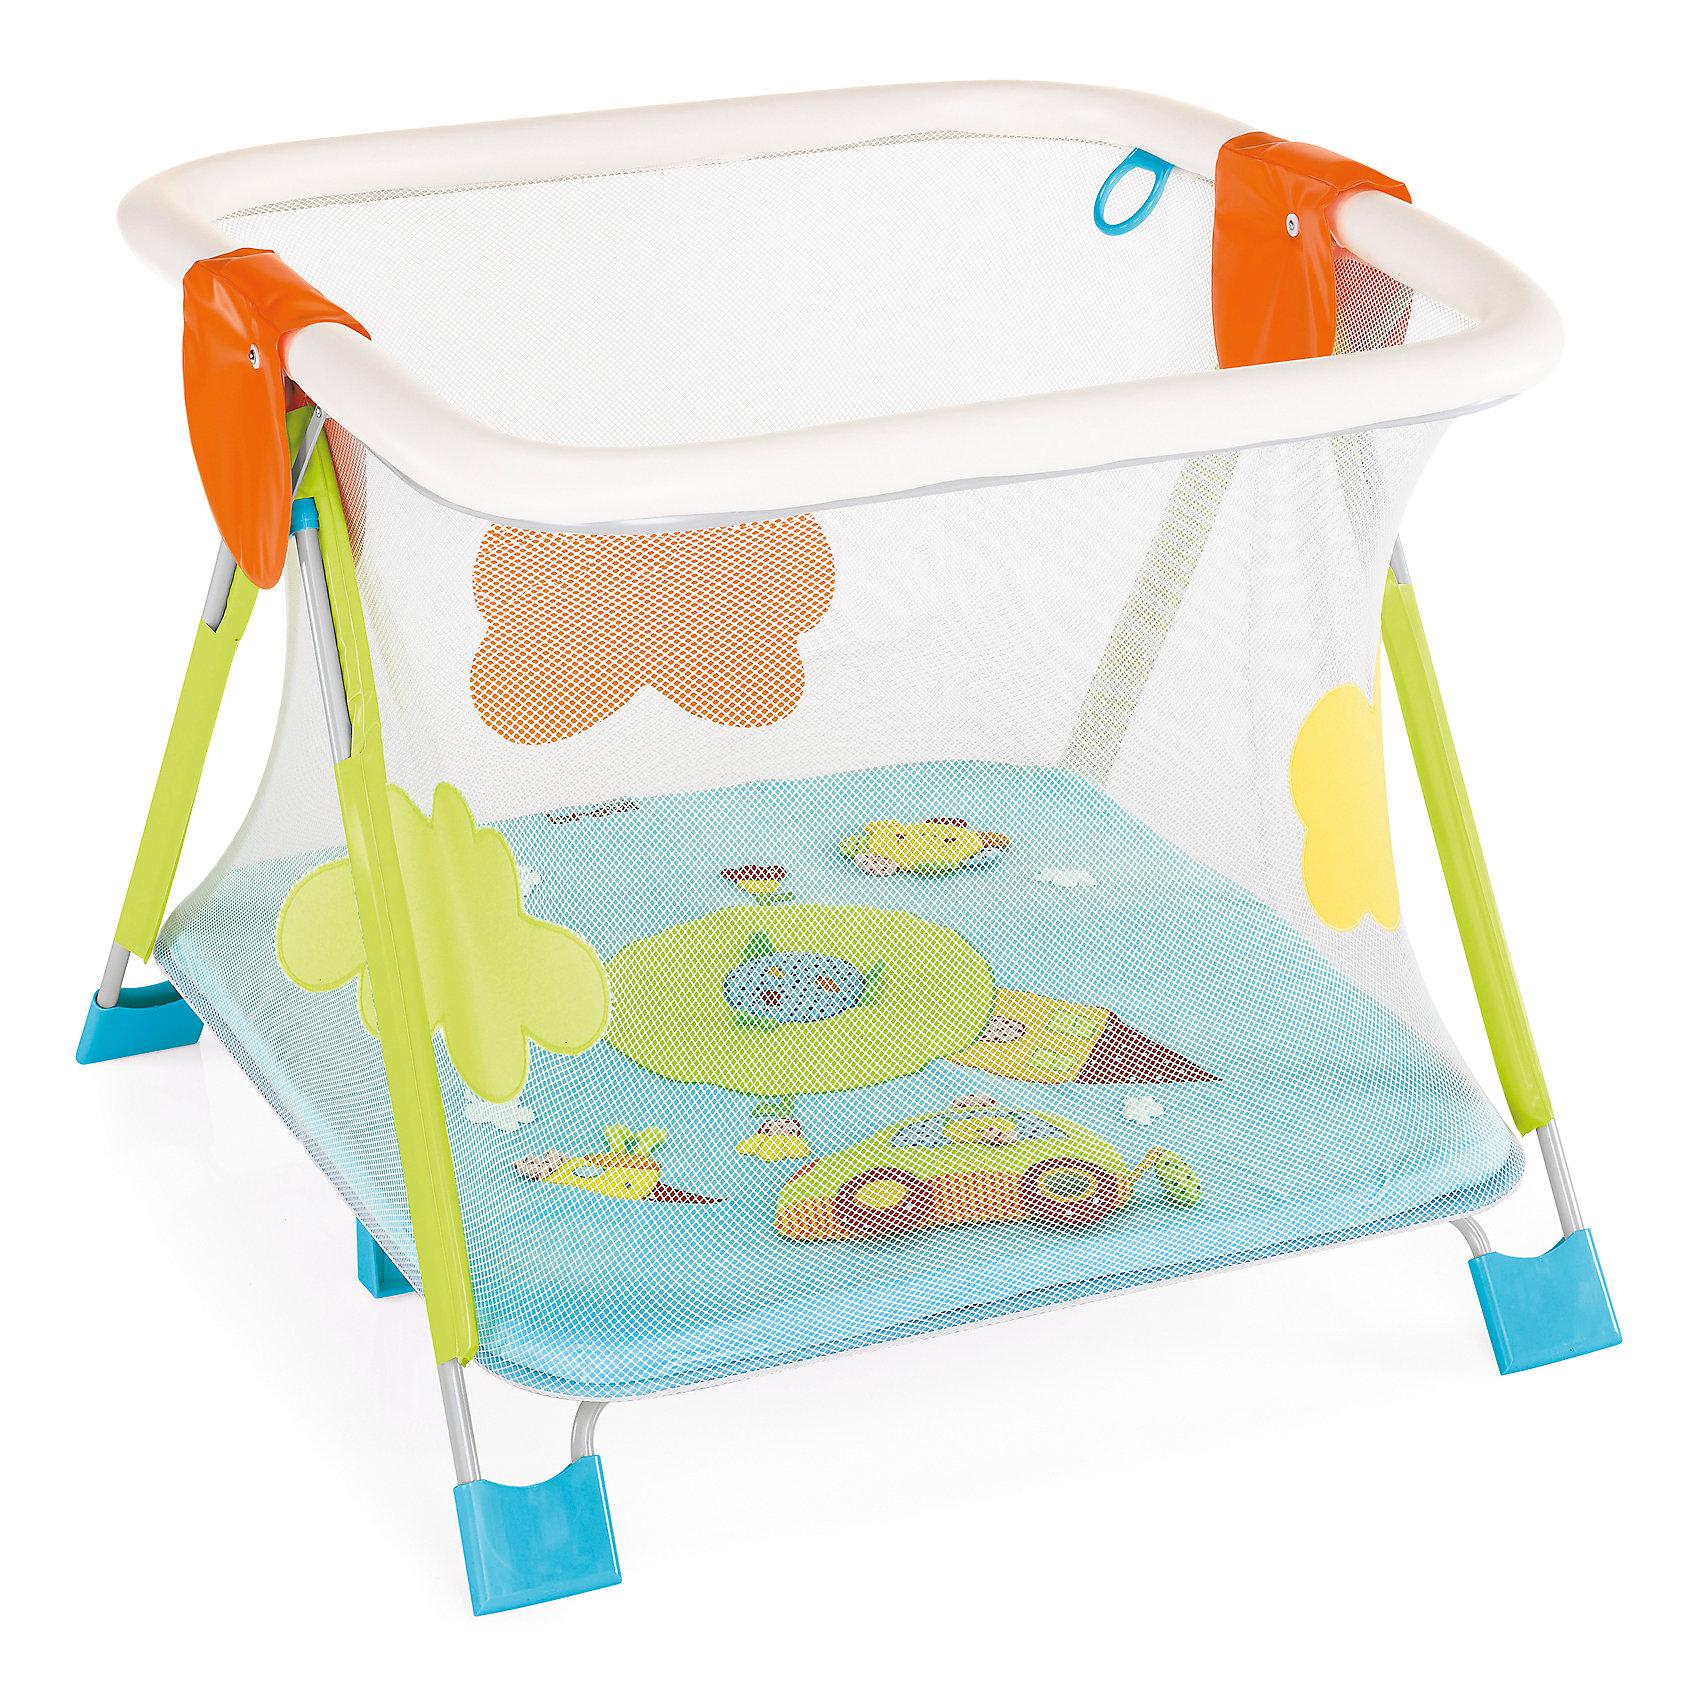 Манеж SOFT &amp; PLAY GIRAMONDO, Brevi, голубой/зеленый/оранжевыйИгровые манежи<br>SOFT &amp; PLAY GIRAMONDO, Brevi (брэви) – манеж для детей от рождения до 3 лет, позволяющий ребенку не только находиться в безопасности, но и развиваться. Манеж оснащен четырьмя ручками, чтобы малыш учился подниматься сам и мягкими бортиками во избежание травм. Легко складывается, все ткани можно стирать при температуре 30° С. Яркая расцветка и множество игрушек не оставят вашего ребенка равнодушным!<br>Особенности и преимущества:<br>- 4 ручки-кольца<br>-надежная рама и основание<br>-легко складывается и занимает мало места<br>-три ярких игрушки в комплекте: котенок с погремушкой, чирикающая птичка и машинка с клаксоном, шуршащей поверхностью и специальным безопасным зеркальцем<br>Размеры: 79x79x125 см<br>Вес: 15 кг<br>SOFT &amp; PLAY GIRAMONDO можно приобрести в нашем интернет-магазине<br><br>Ширина мм: 1250<br>Глубина мм: 790<br>Высота мм: 790<br>Вес г: 15000<br>Возраст от месяцев: 3<br>Возраст до месяцев: 36<br>Пол: Унисекс<br>Возраст: Детский<br>SKU: 4902069